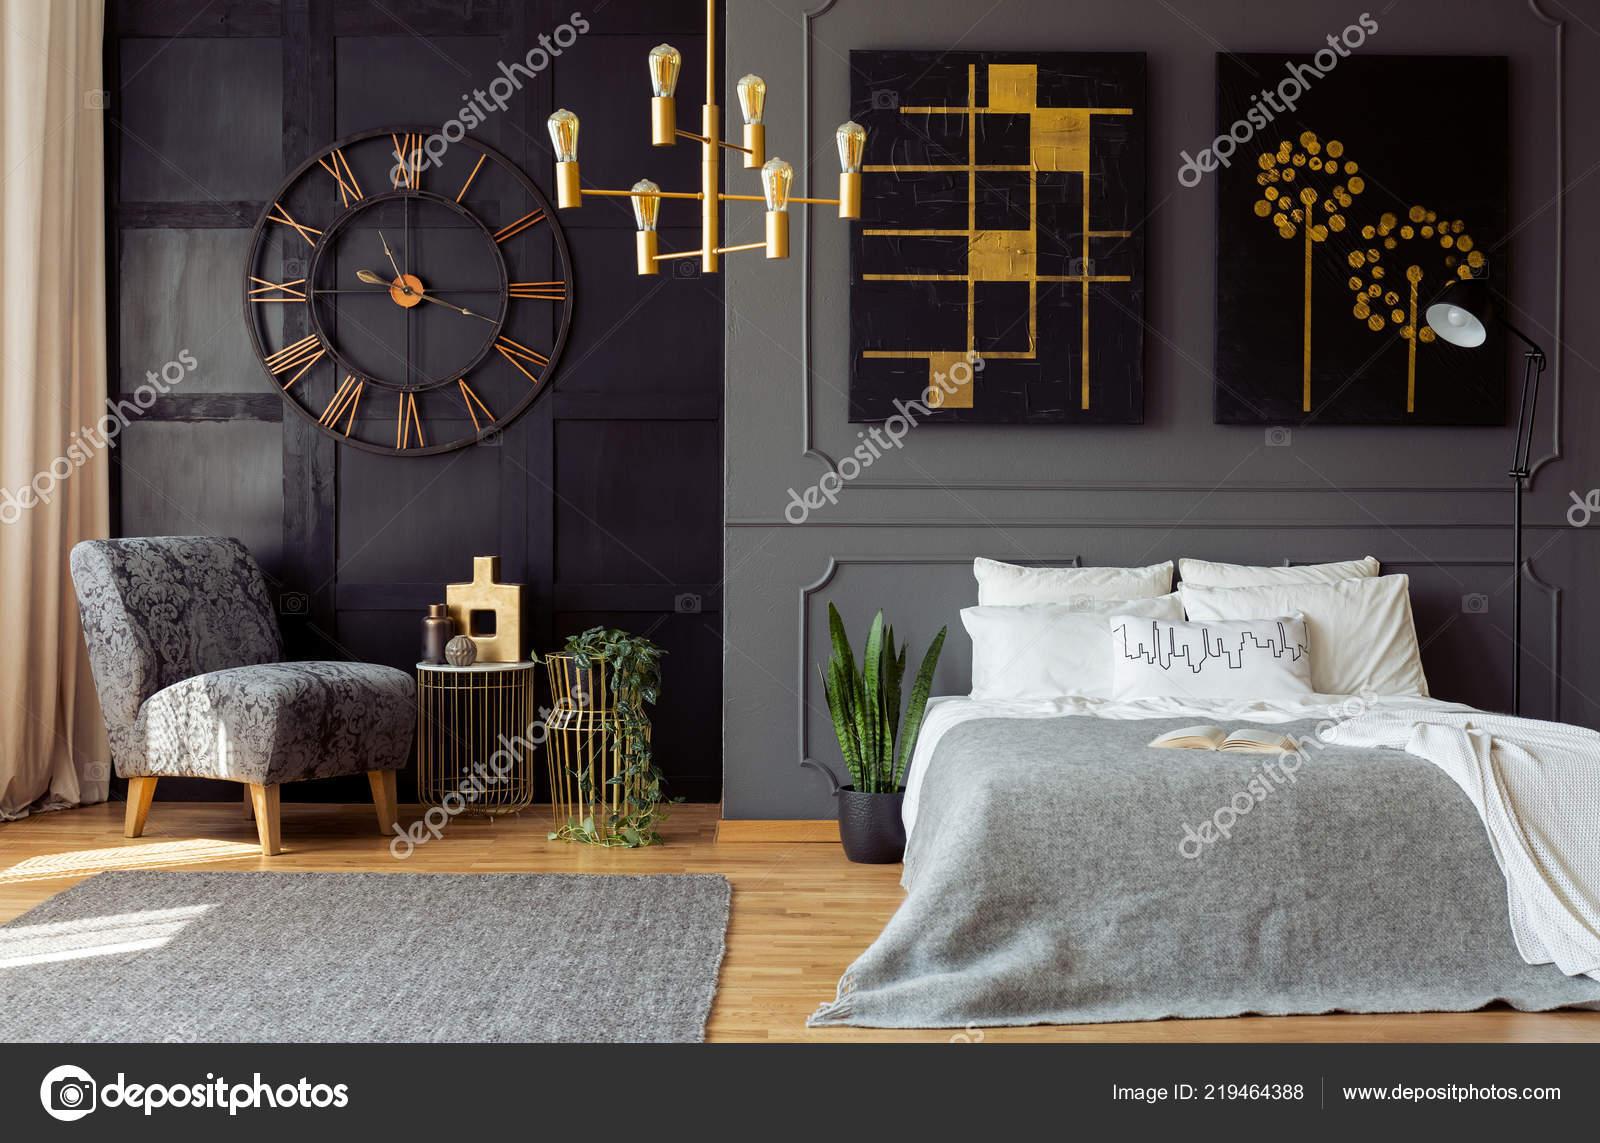 Letto Grigio Scuro : Foto reale interiore camera letto grigio scuro con modanatura